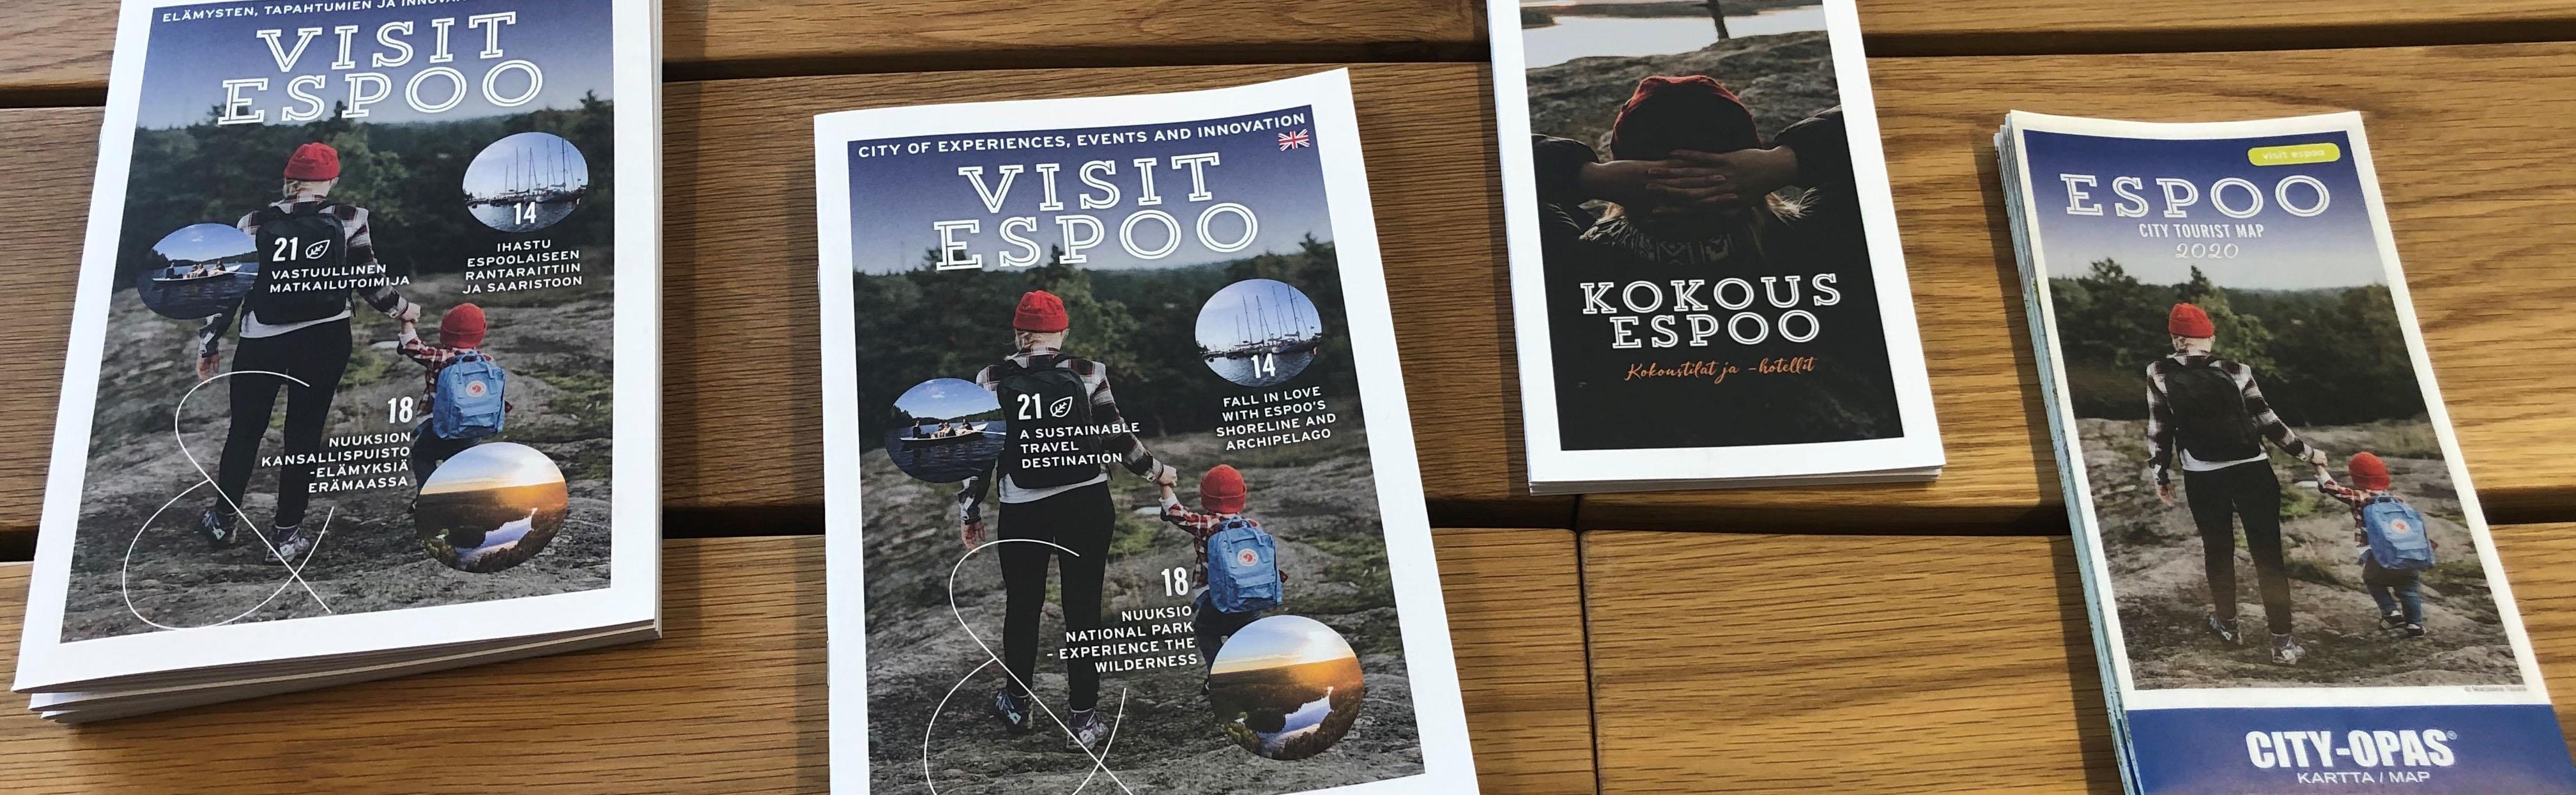 Esbo broschyrer och kartor på bordet.